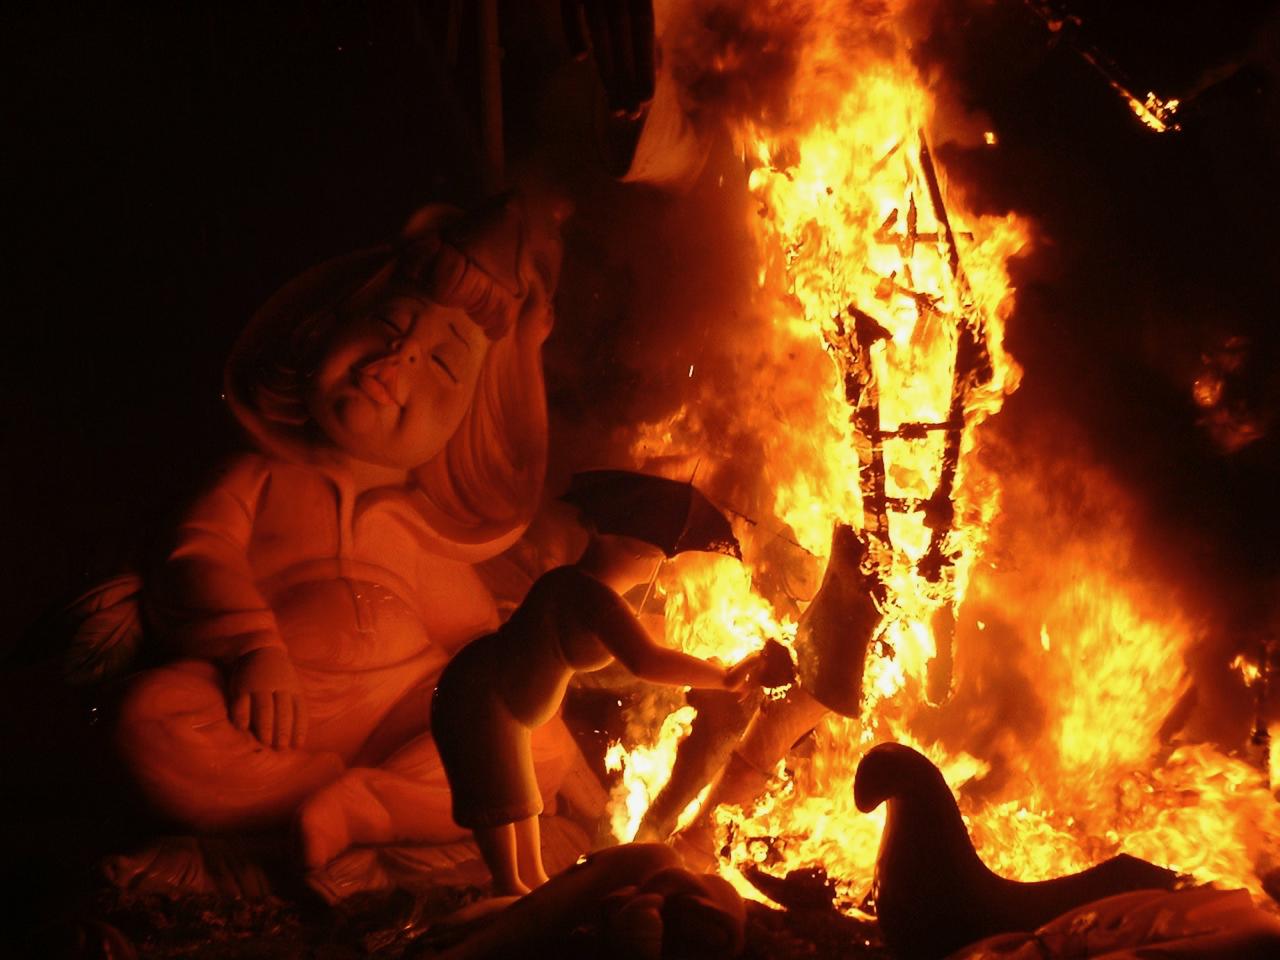 Las Fallas burning in Valencia, Spain